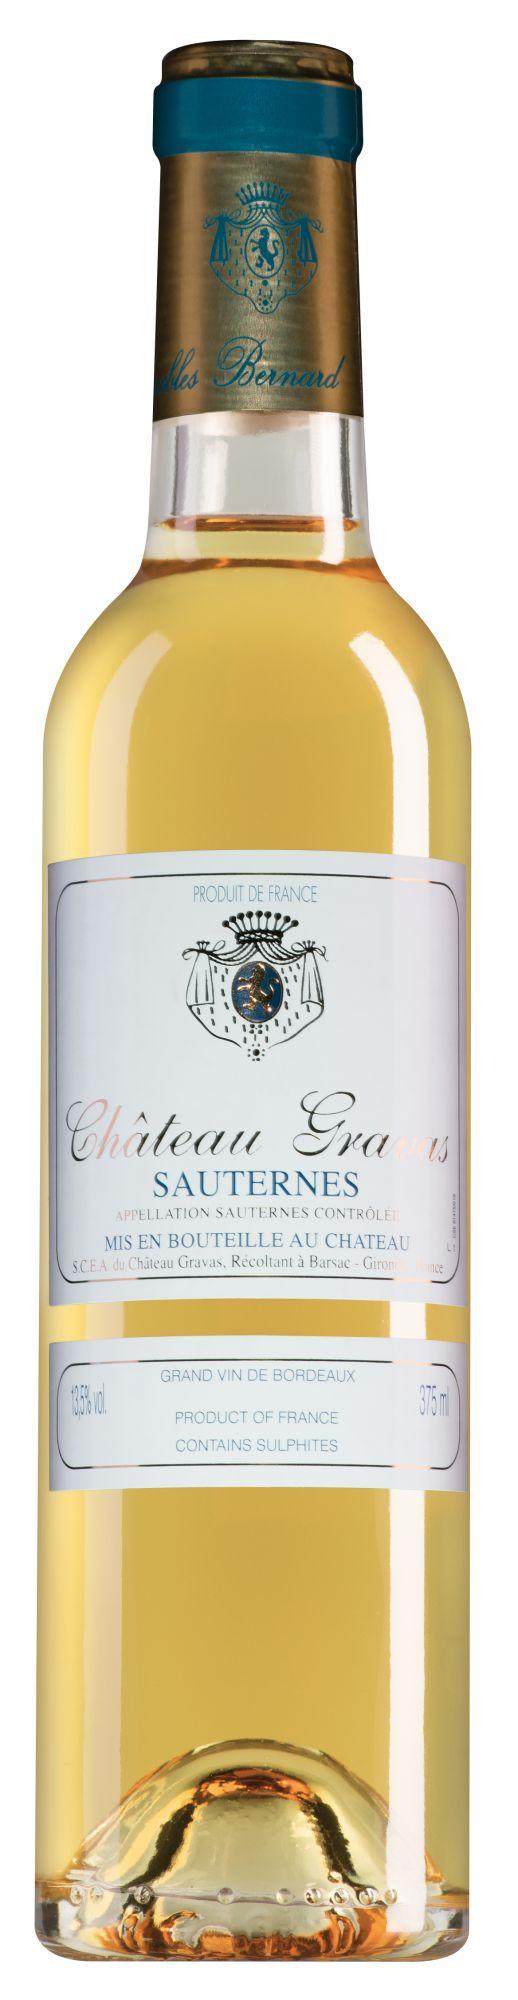 Château Gravas Sauternes halve fles